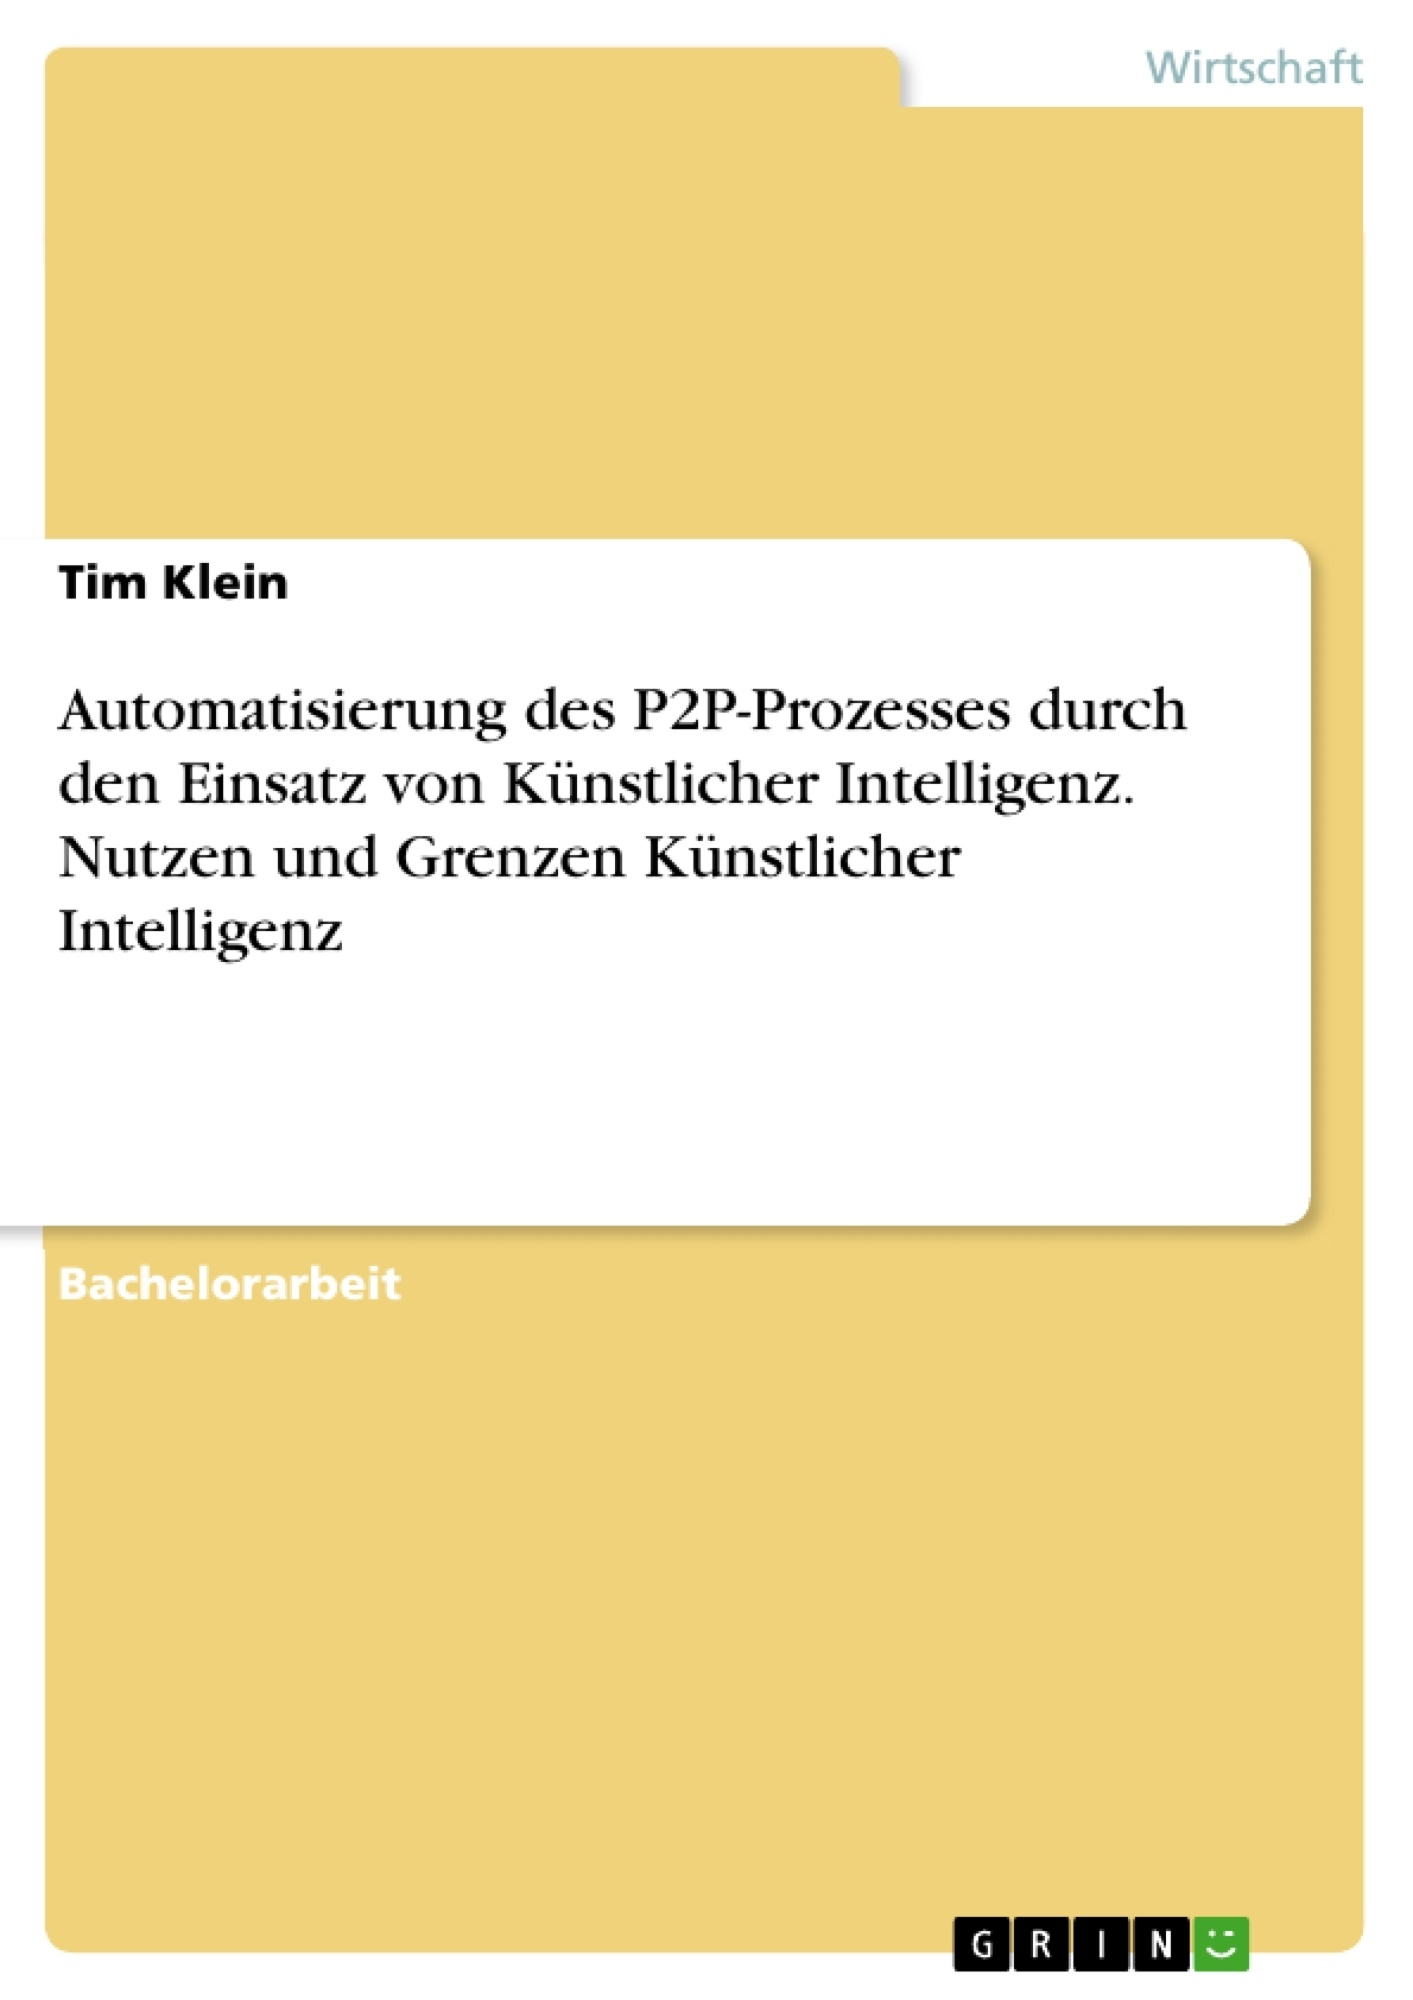 Titel: Automatisierung des P2P-Prozesses durch den Einsatz von Künstlicher Intelligenz. Nutzen und Grenzen Künstlicher Intelligenz